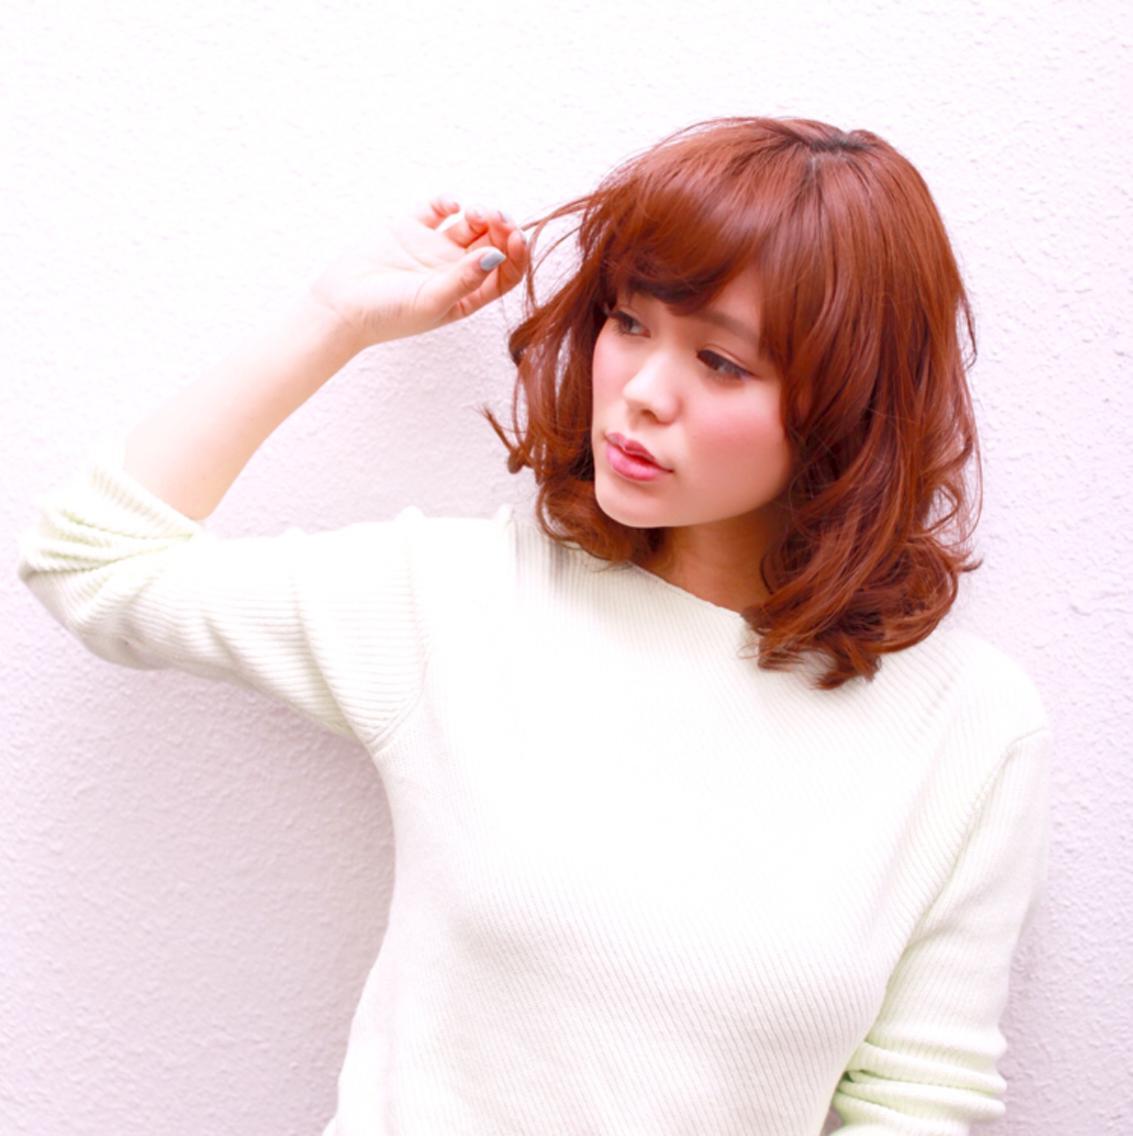 【銀座】♡minimo♡撮影モデルの募集になります!     募集内容を確認して予約をお願いいたします